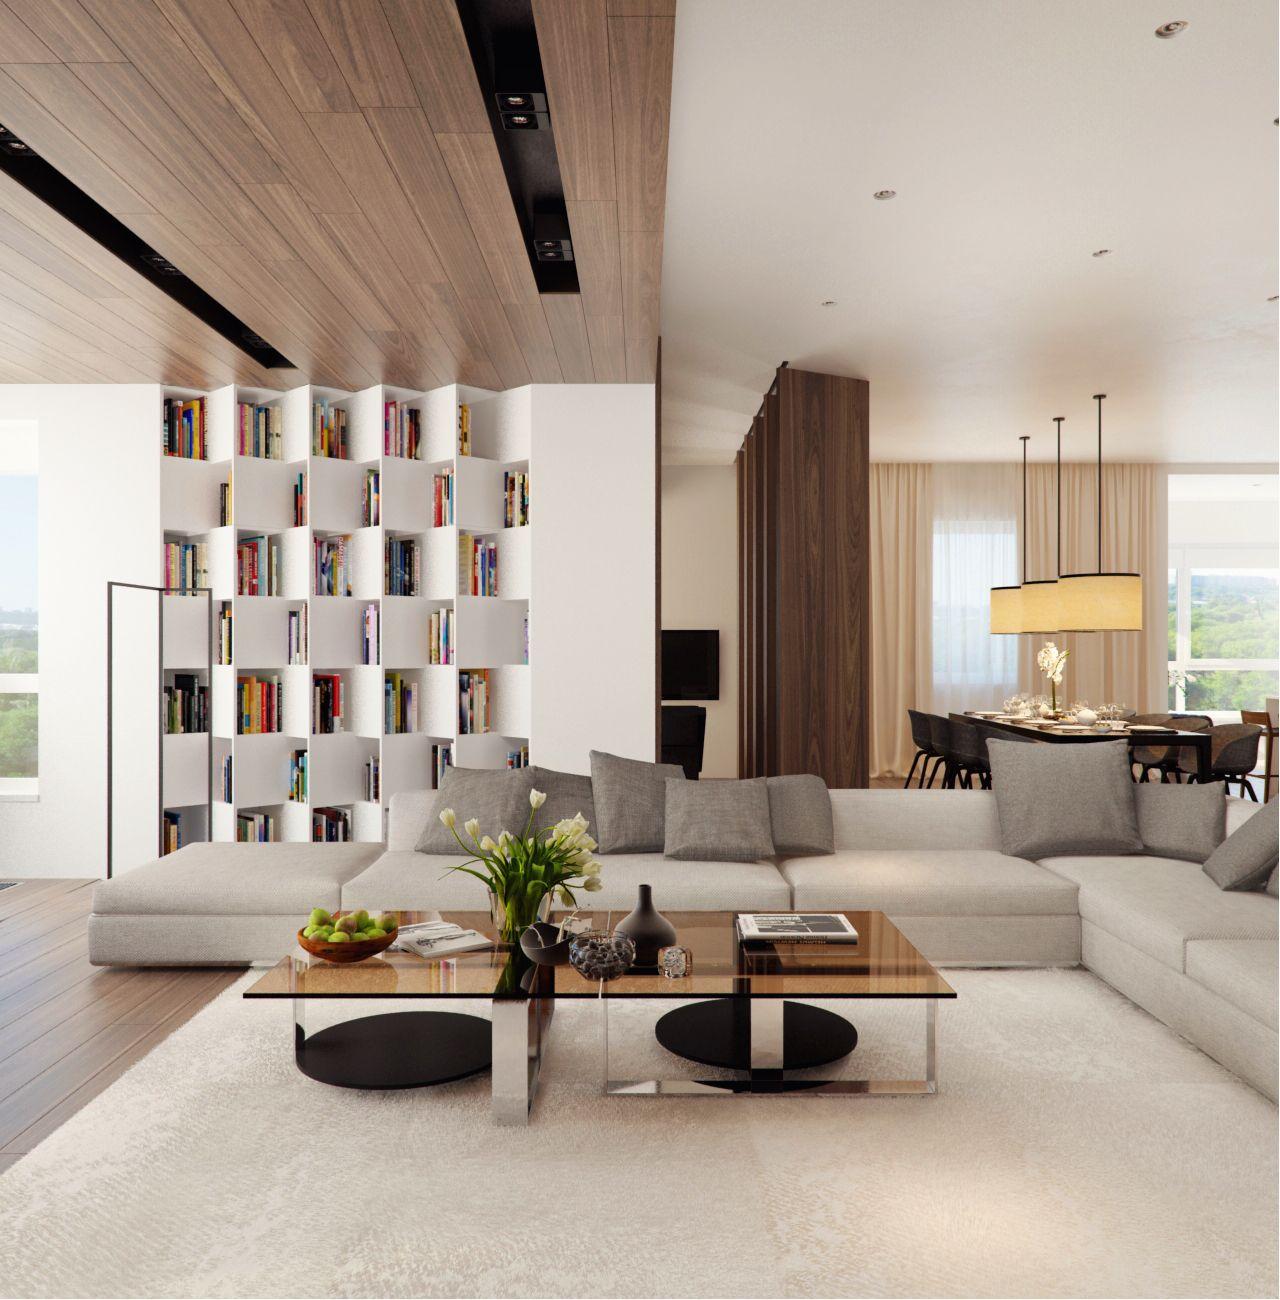 Salon moderne design en 47 idées par Alexandra Fedorova | Intérieur ...